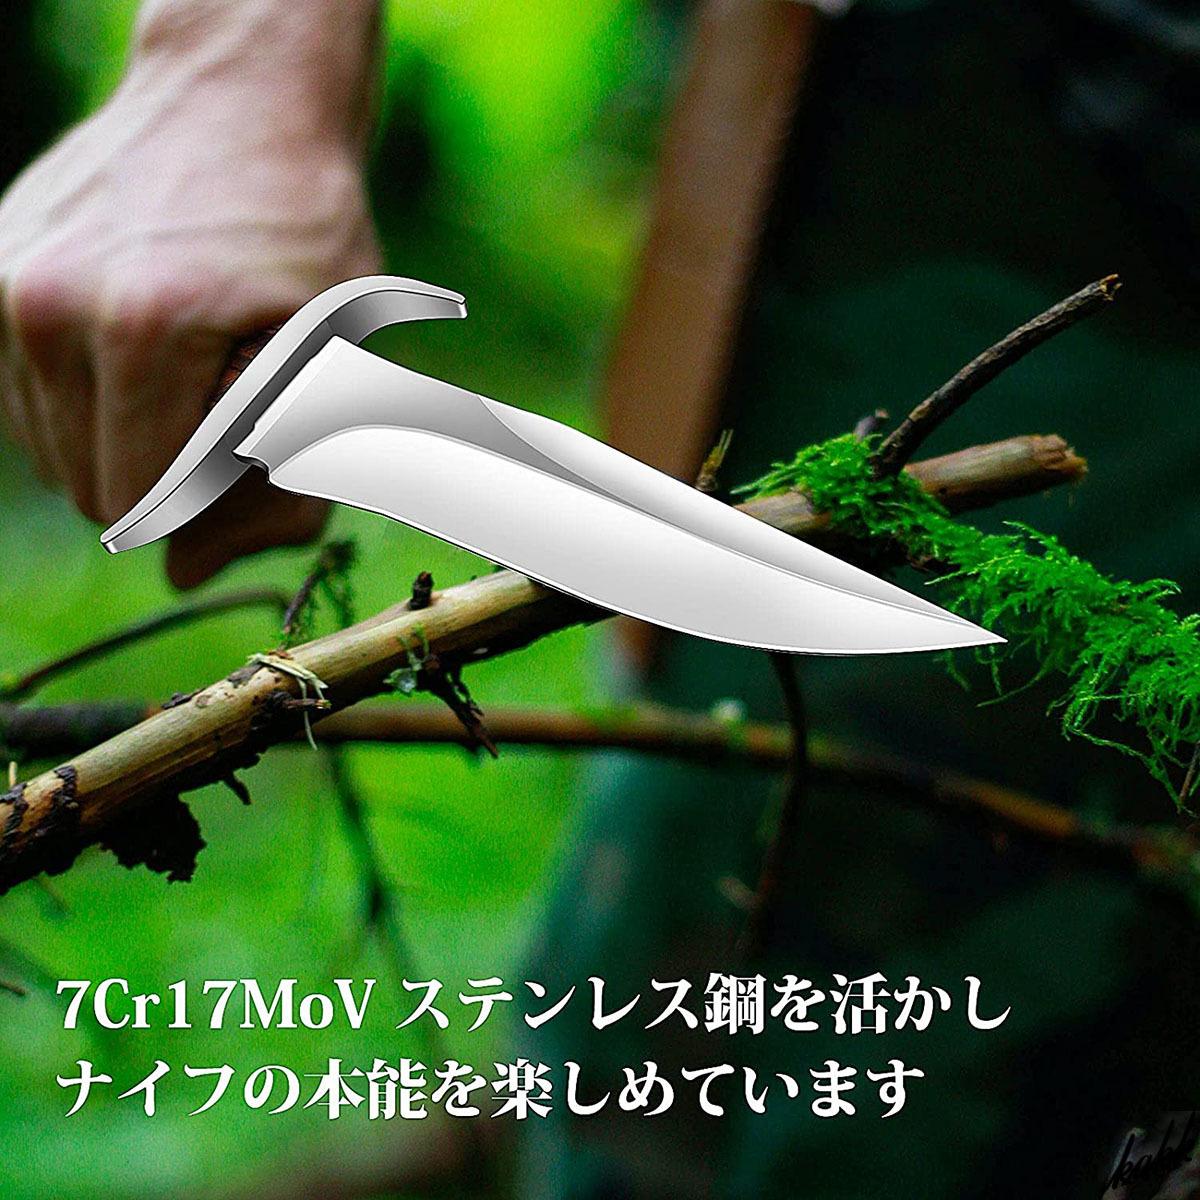 【高級感溢れるシースナイフ】 狩猟刀 フルタング構造 鏡面仕上げ ステンレス鋼 G10ハンドル 木目調 高硬度 耐久性 耐食性 サバイバル